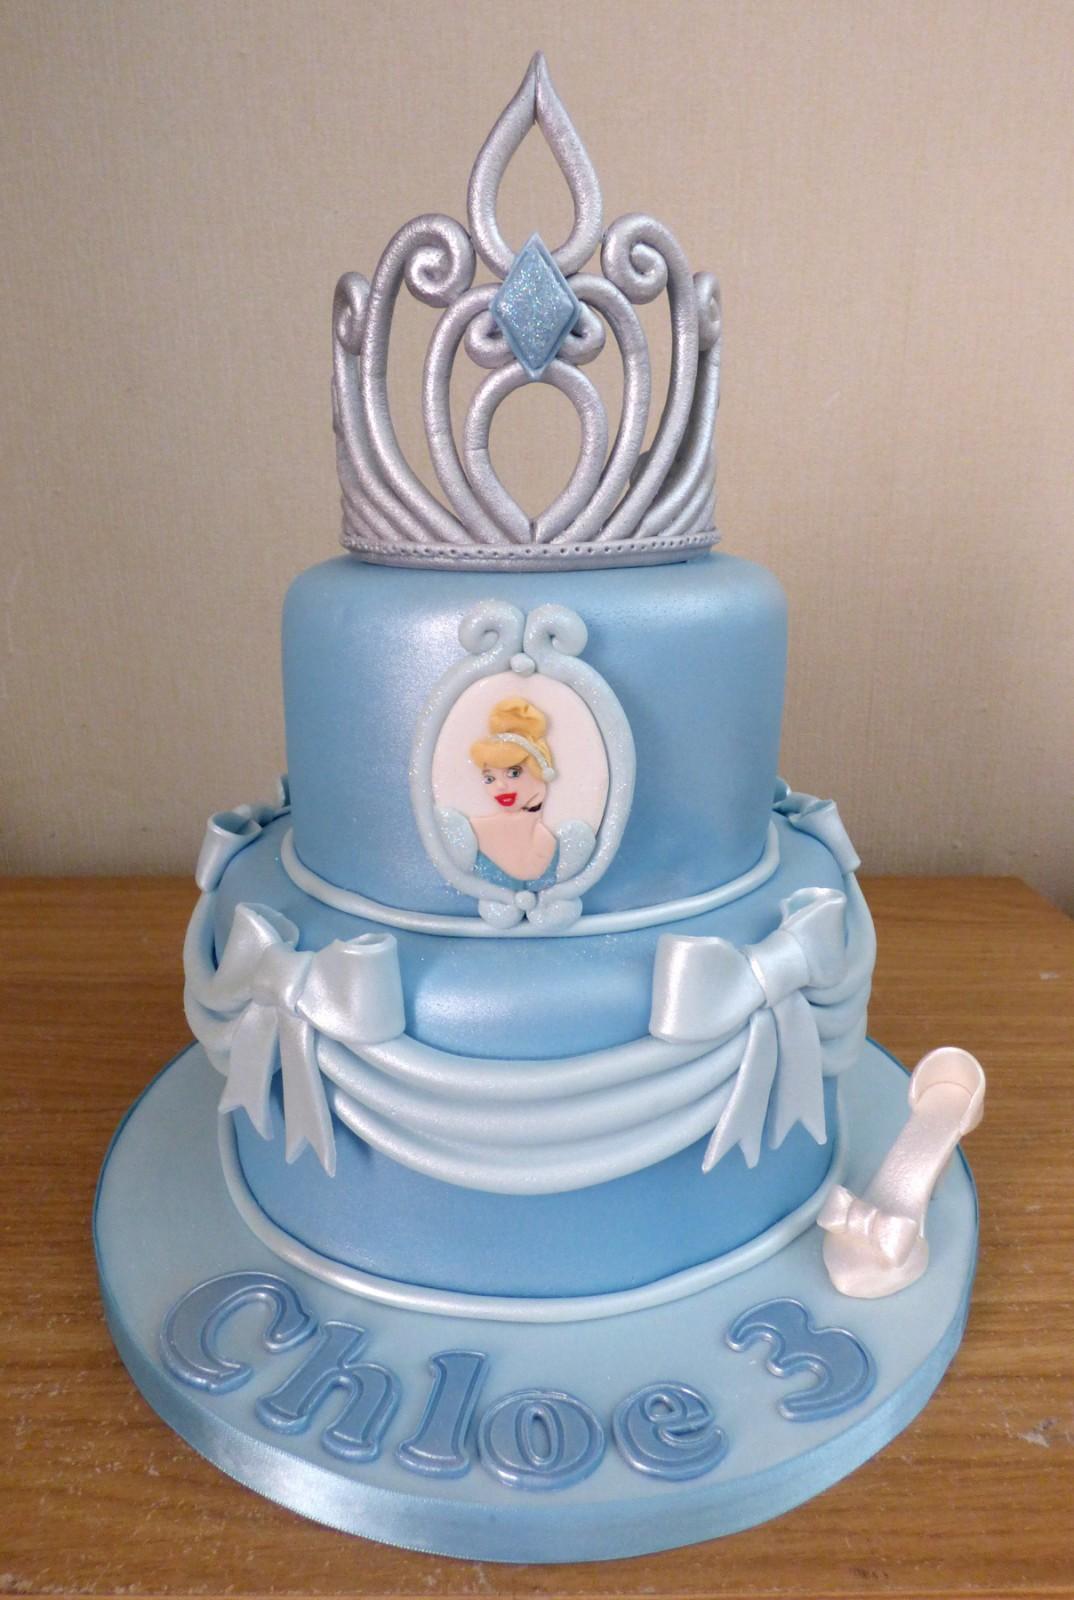 2 Tier Cinderella Princess Tiara Birthday Cake Susies Cakes